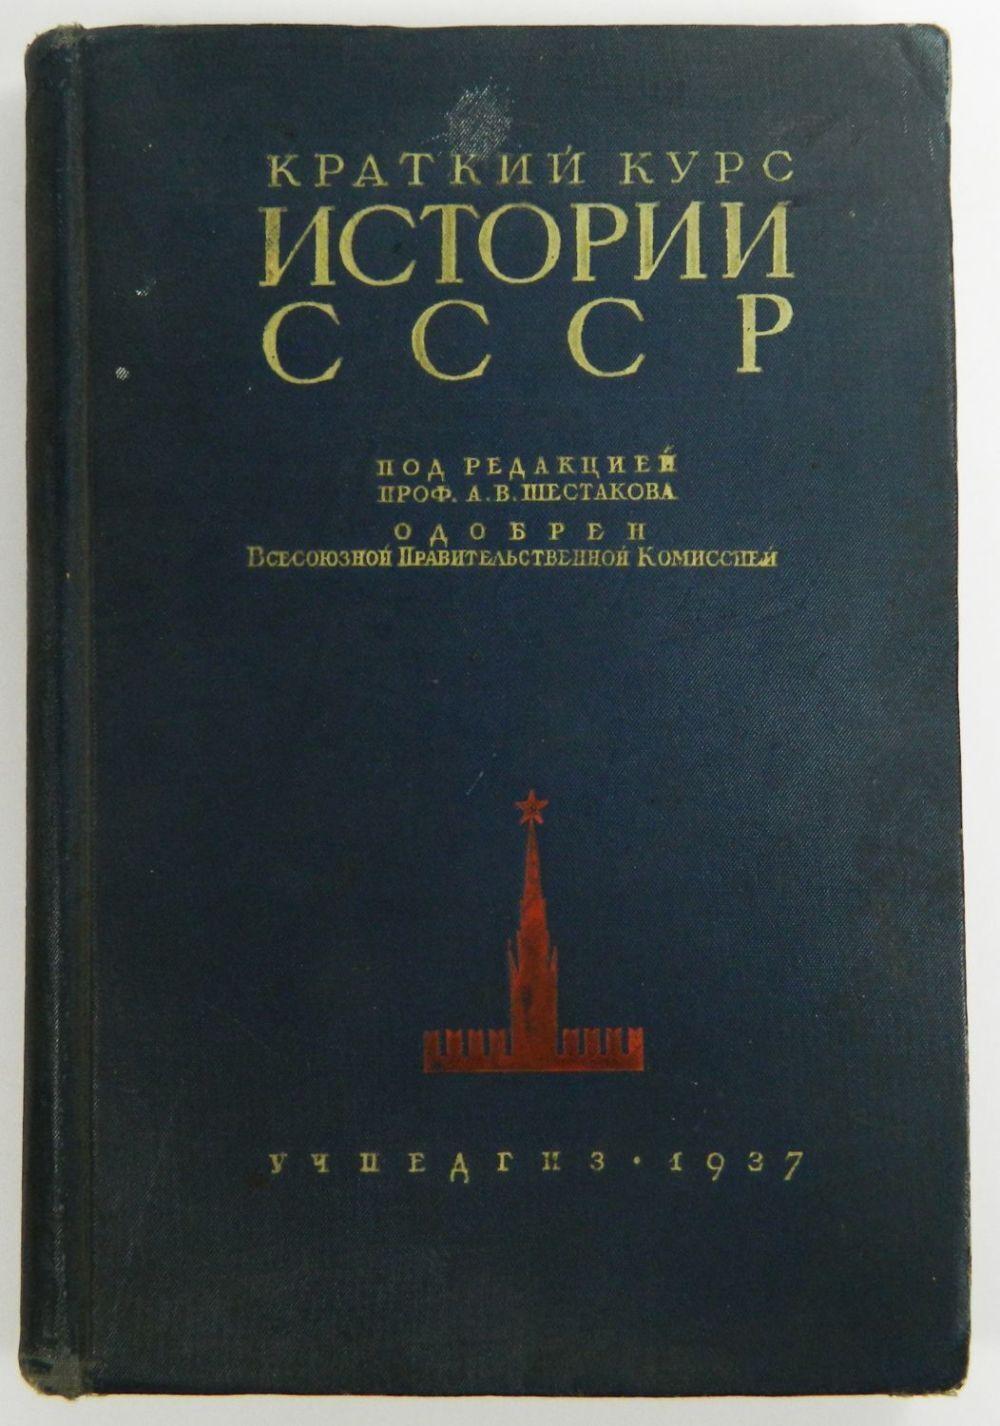 """""""Краткий курс истории СССР"""" вышел в 1937 году тиражом в 5 миллионов"""